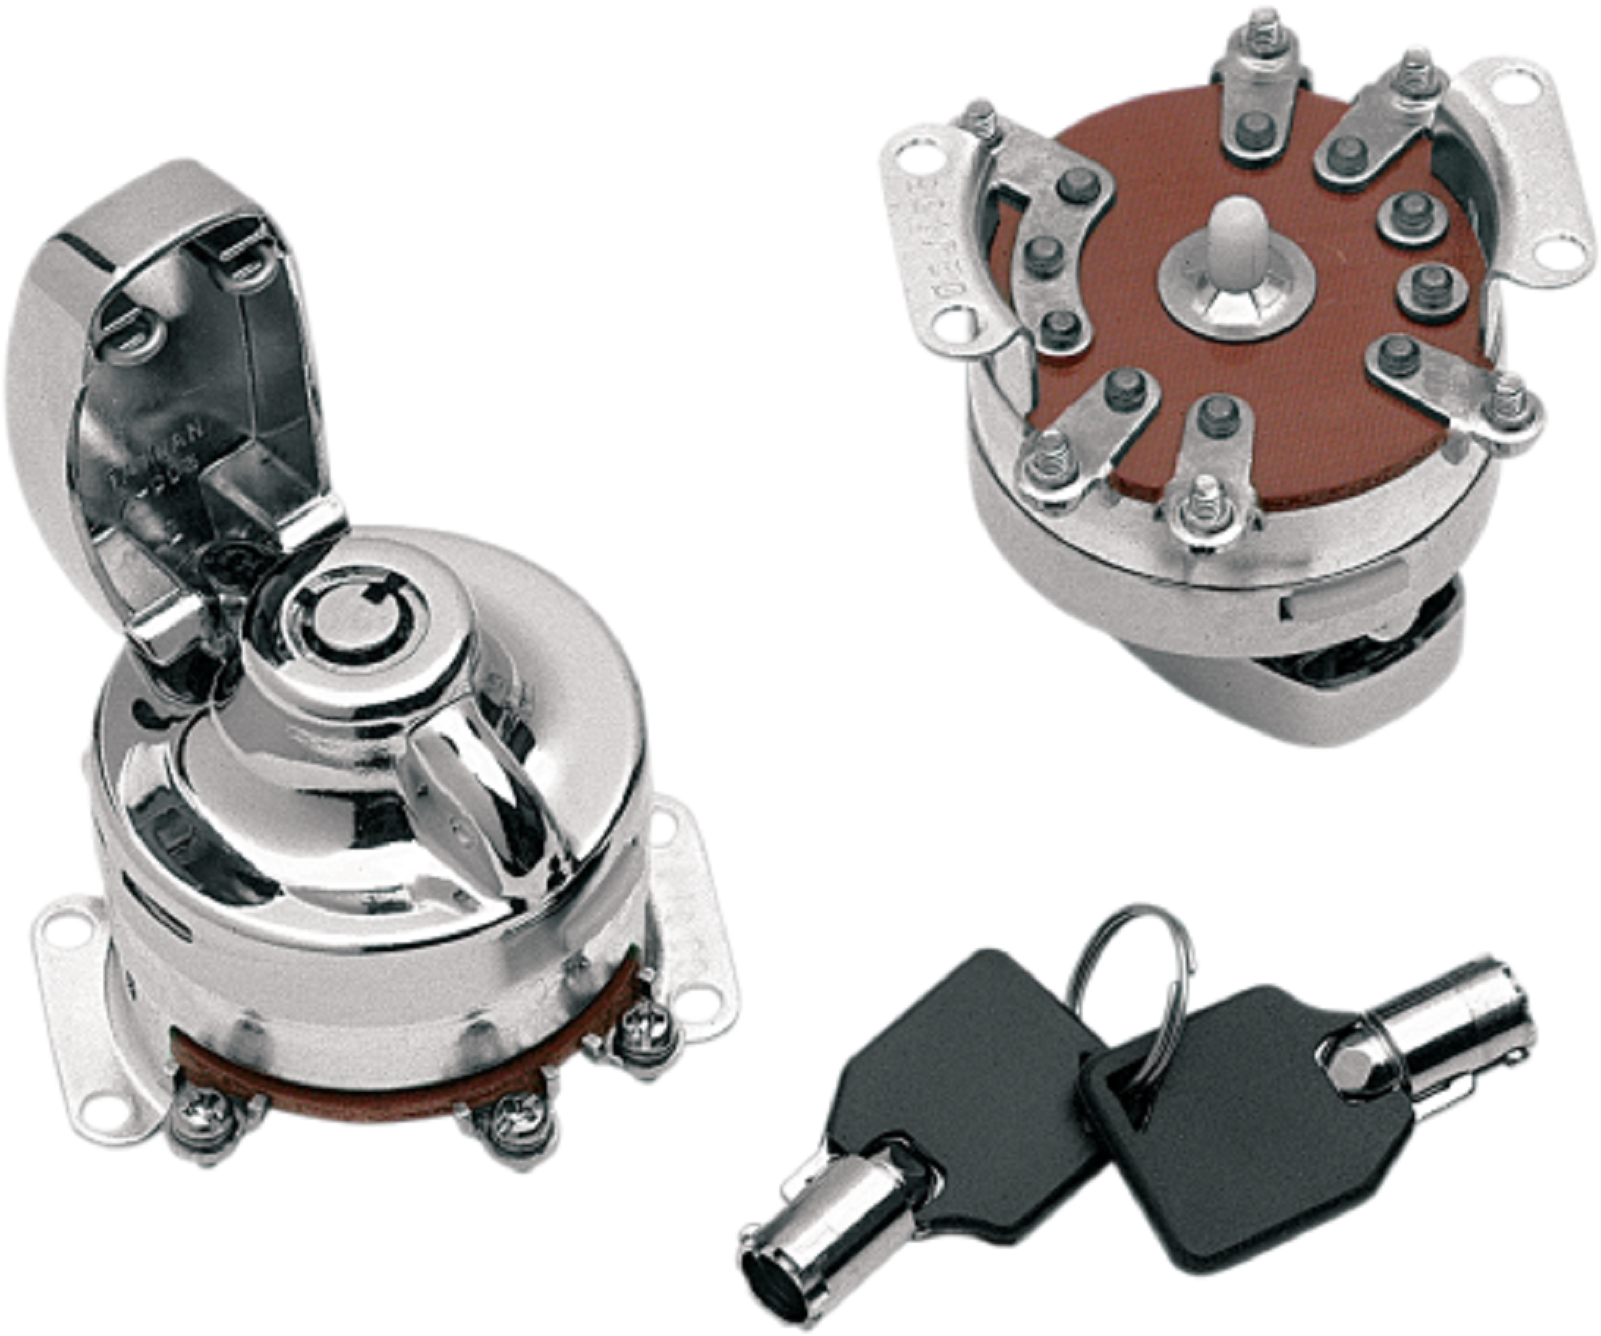 Drag Specialties Black Ignition Switch /& Keys 96-10 Harley Softail Dyna